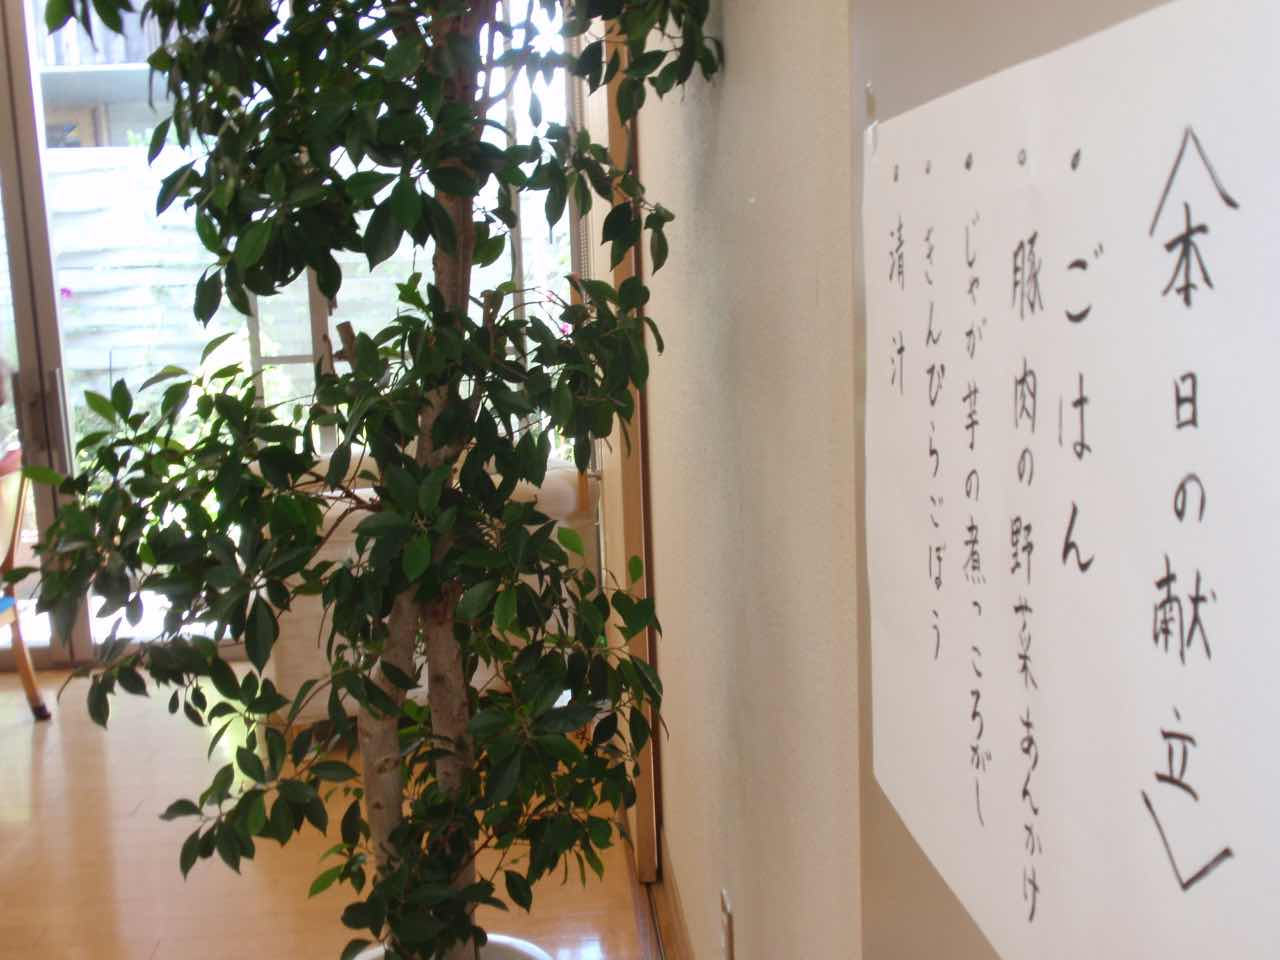 デイサービスセンター らく(認知症対応型)の写真